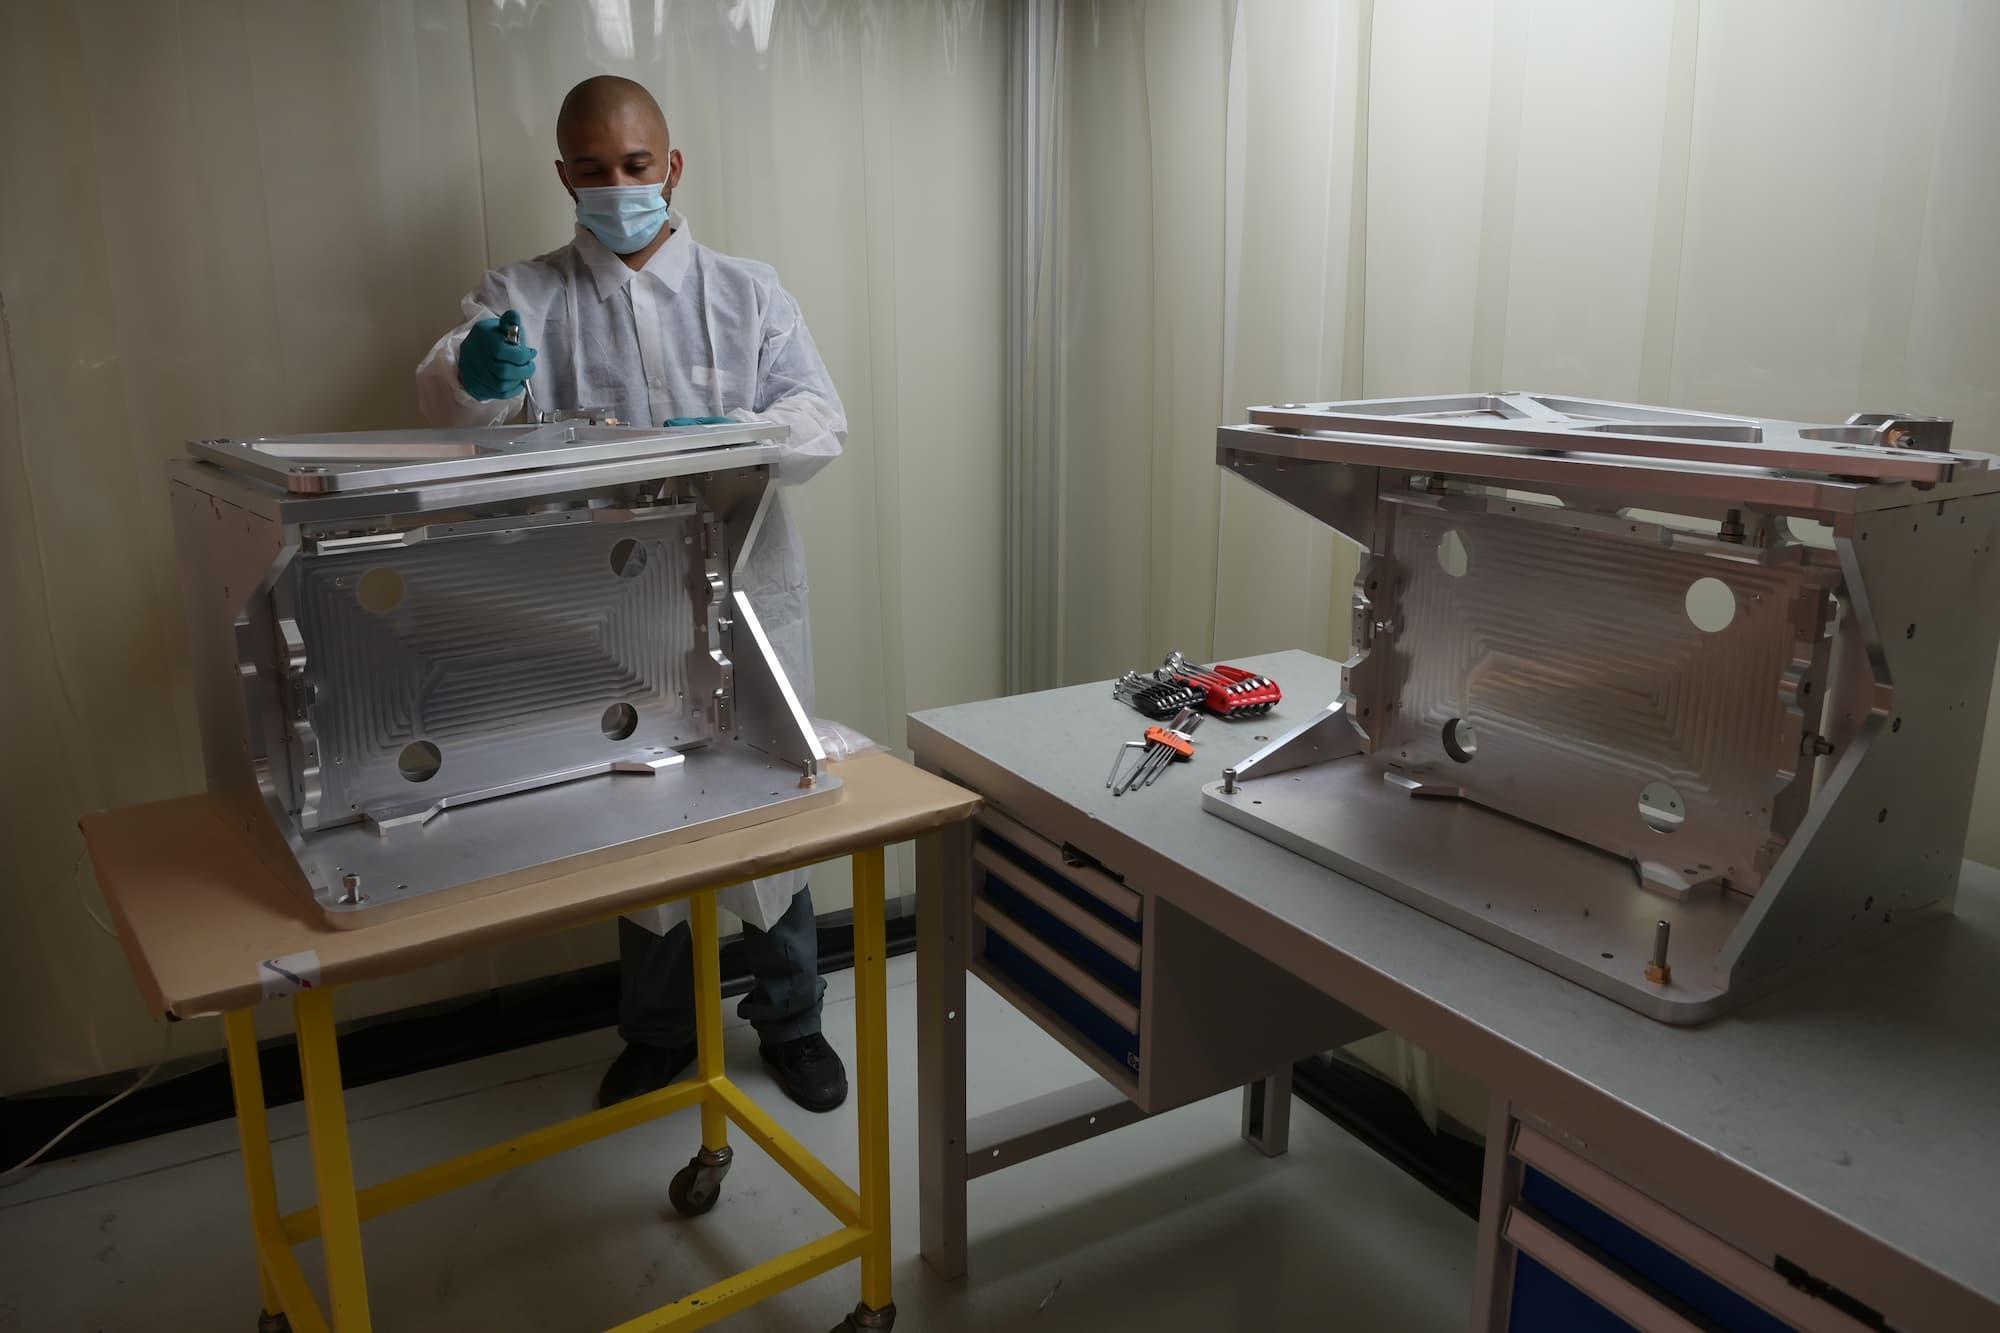 montage sous-ensemble mécanique sous atmosphère contrôlée - AMV